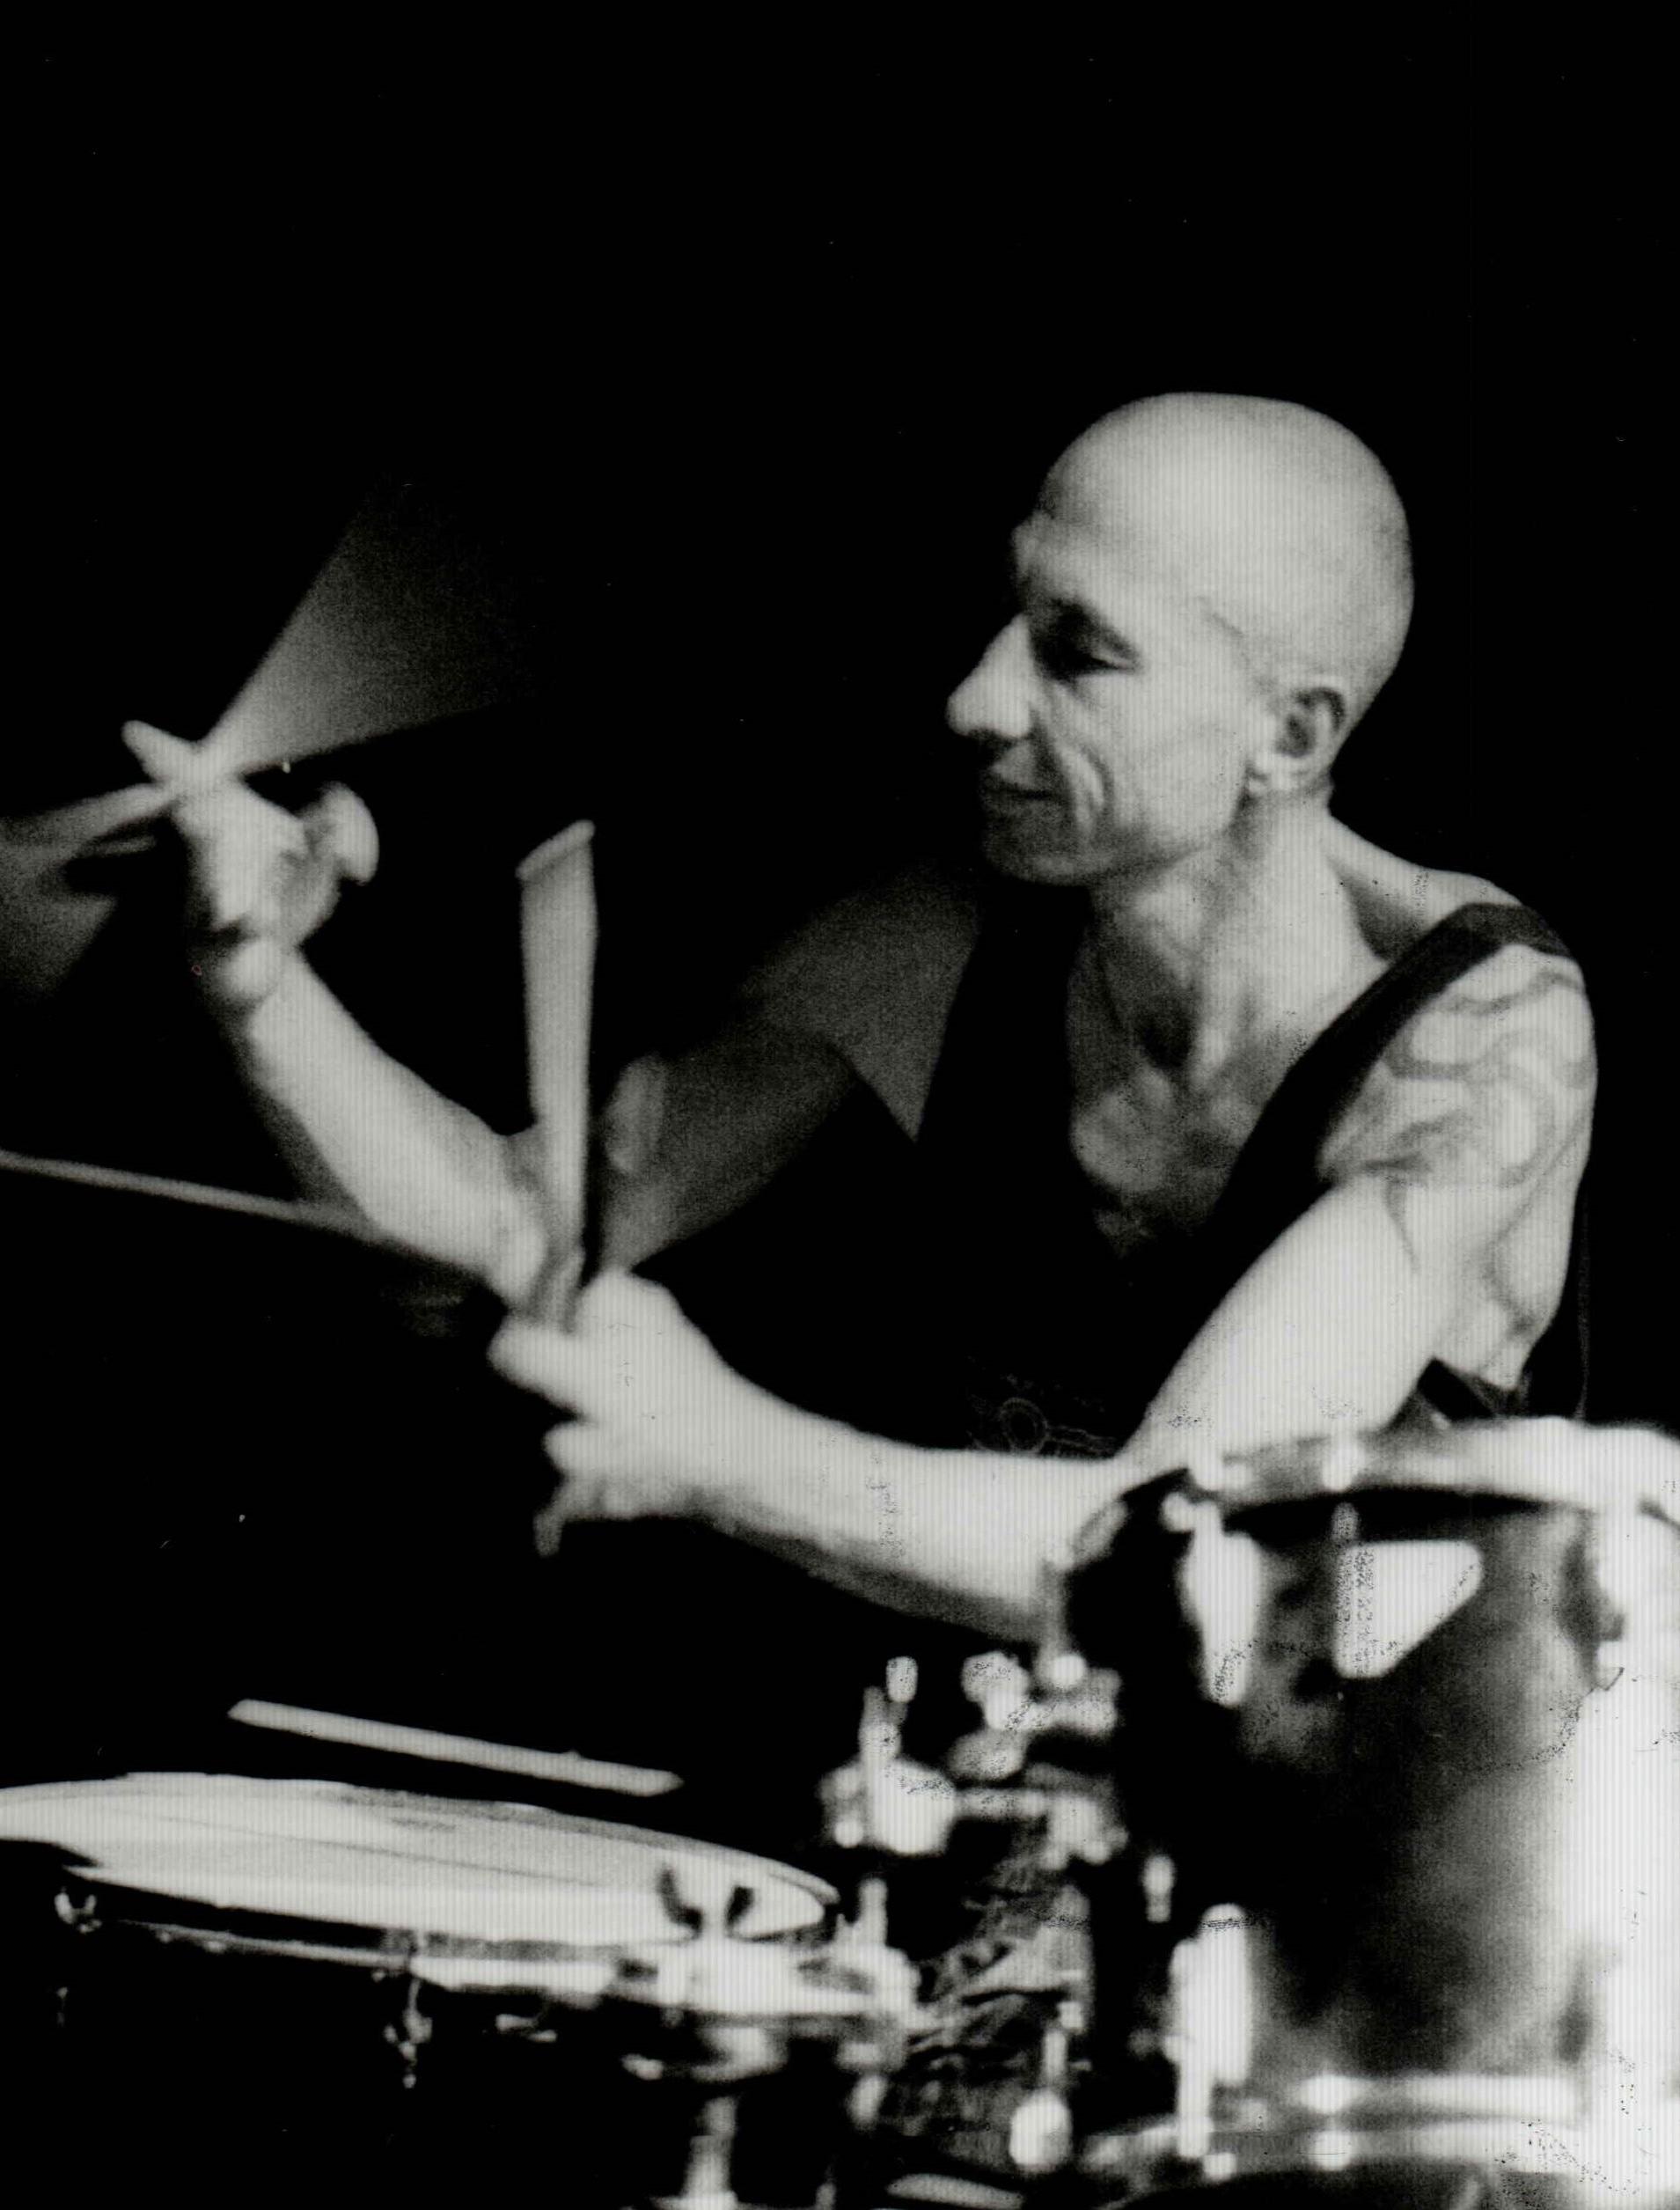 Louis Burdett